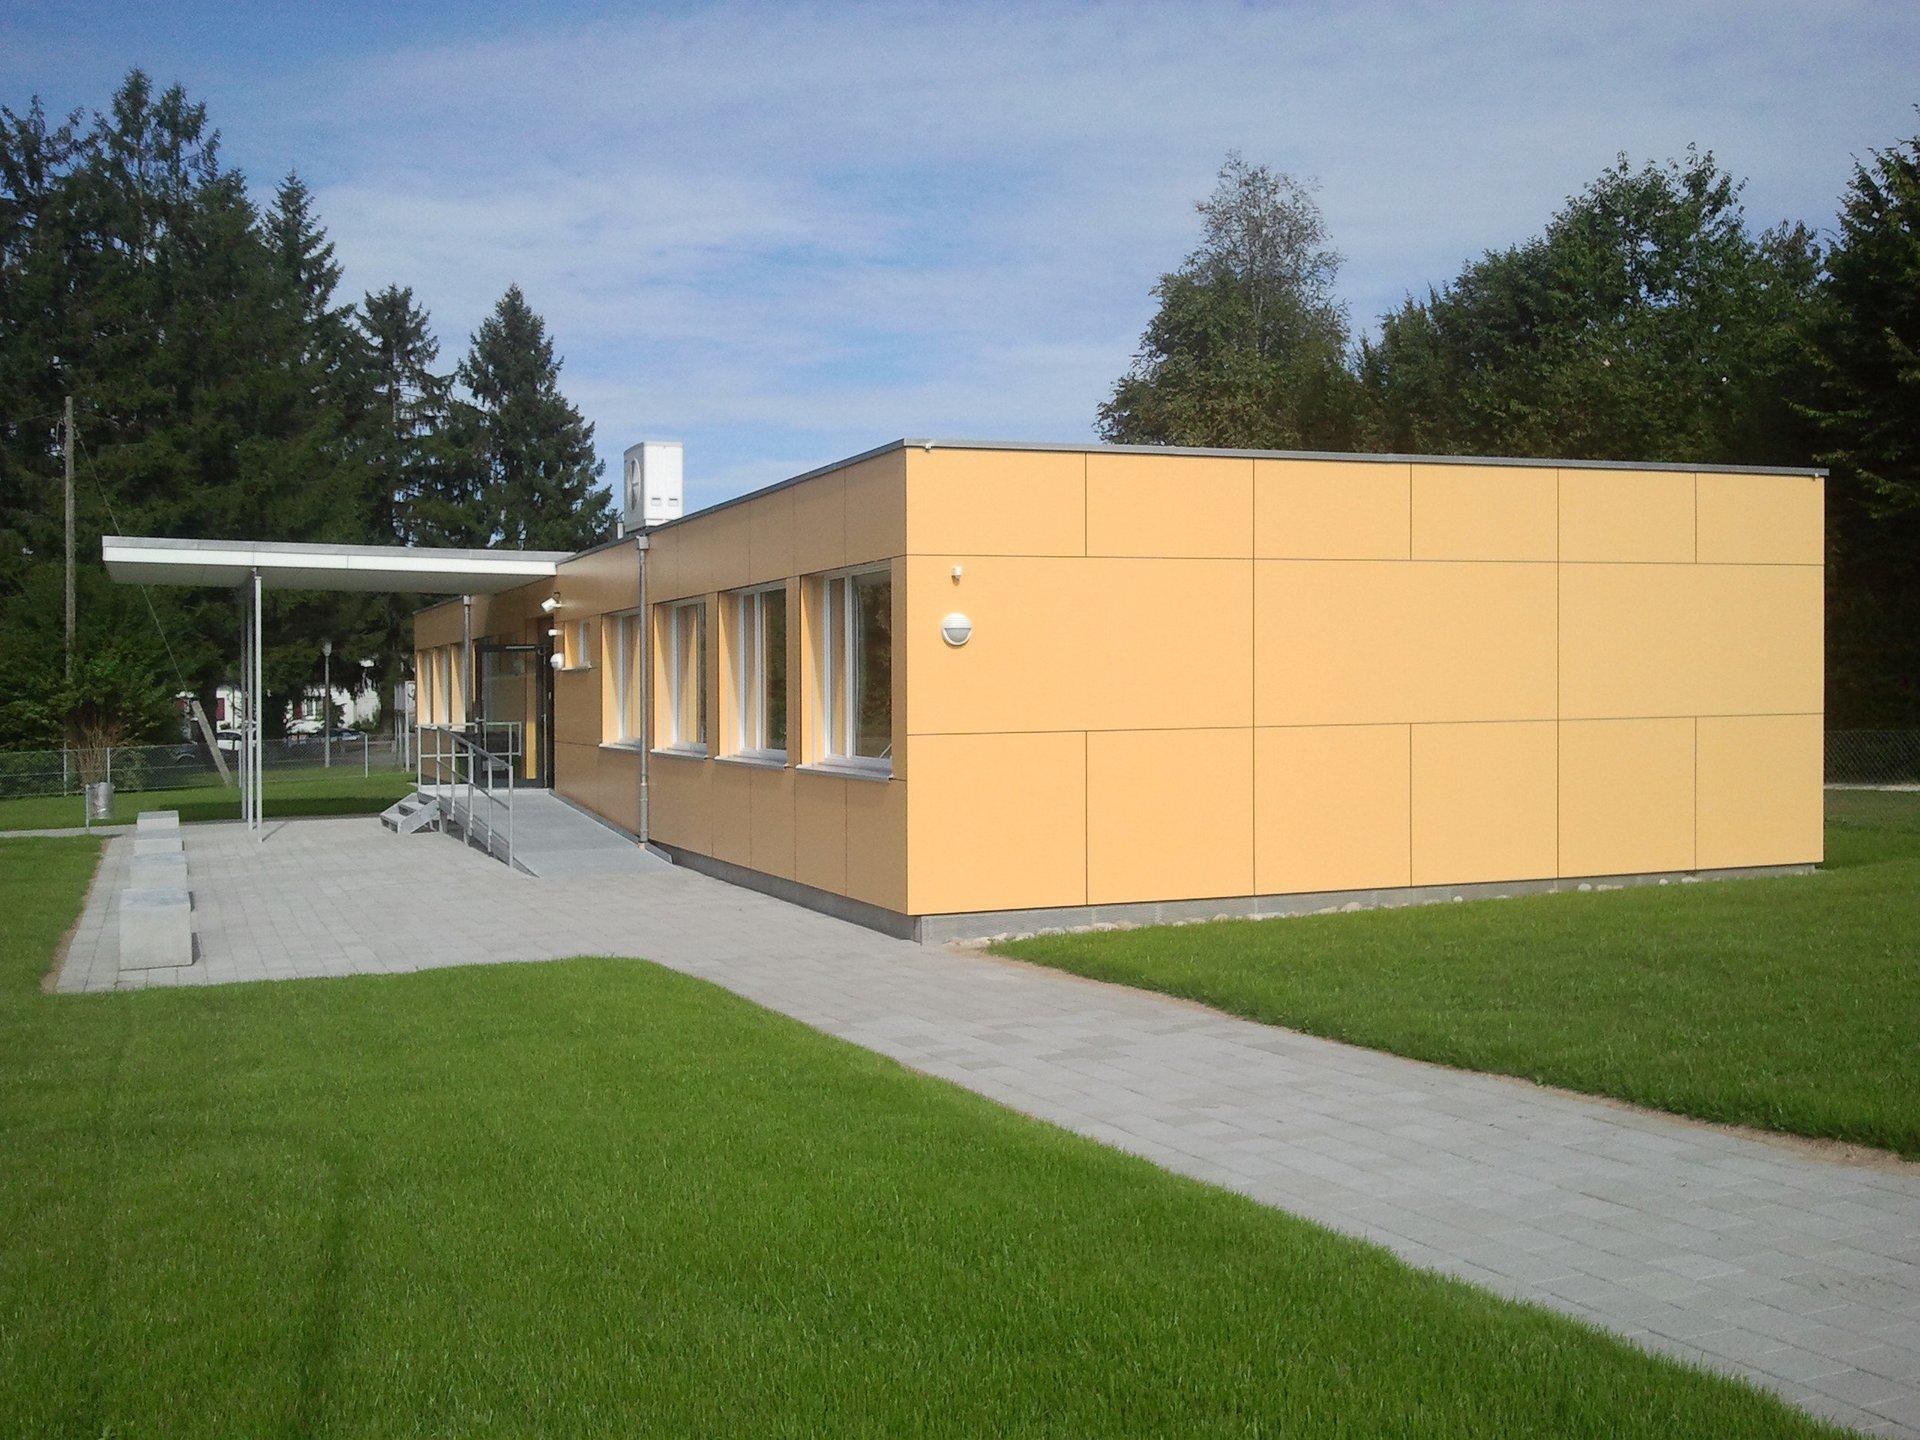 Schulhaus in Modulbauweise mit Luft-Wasser-Wärmepumpe